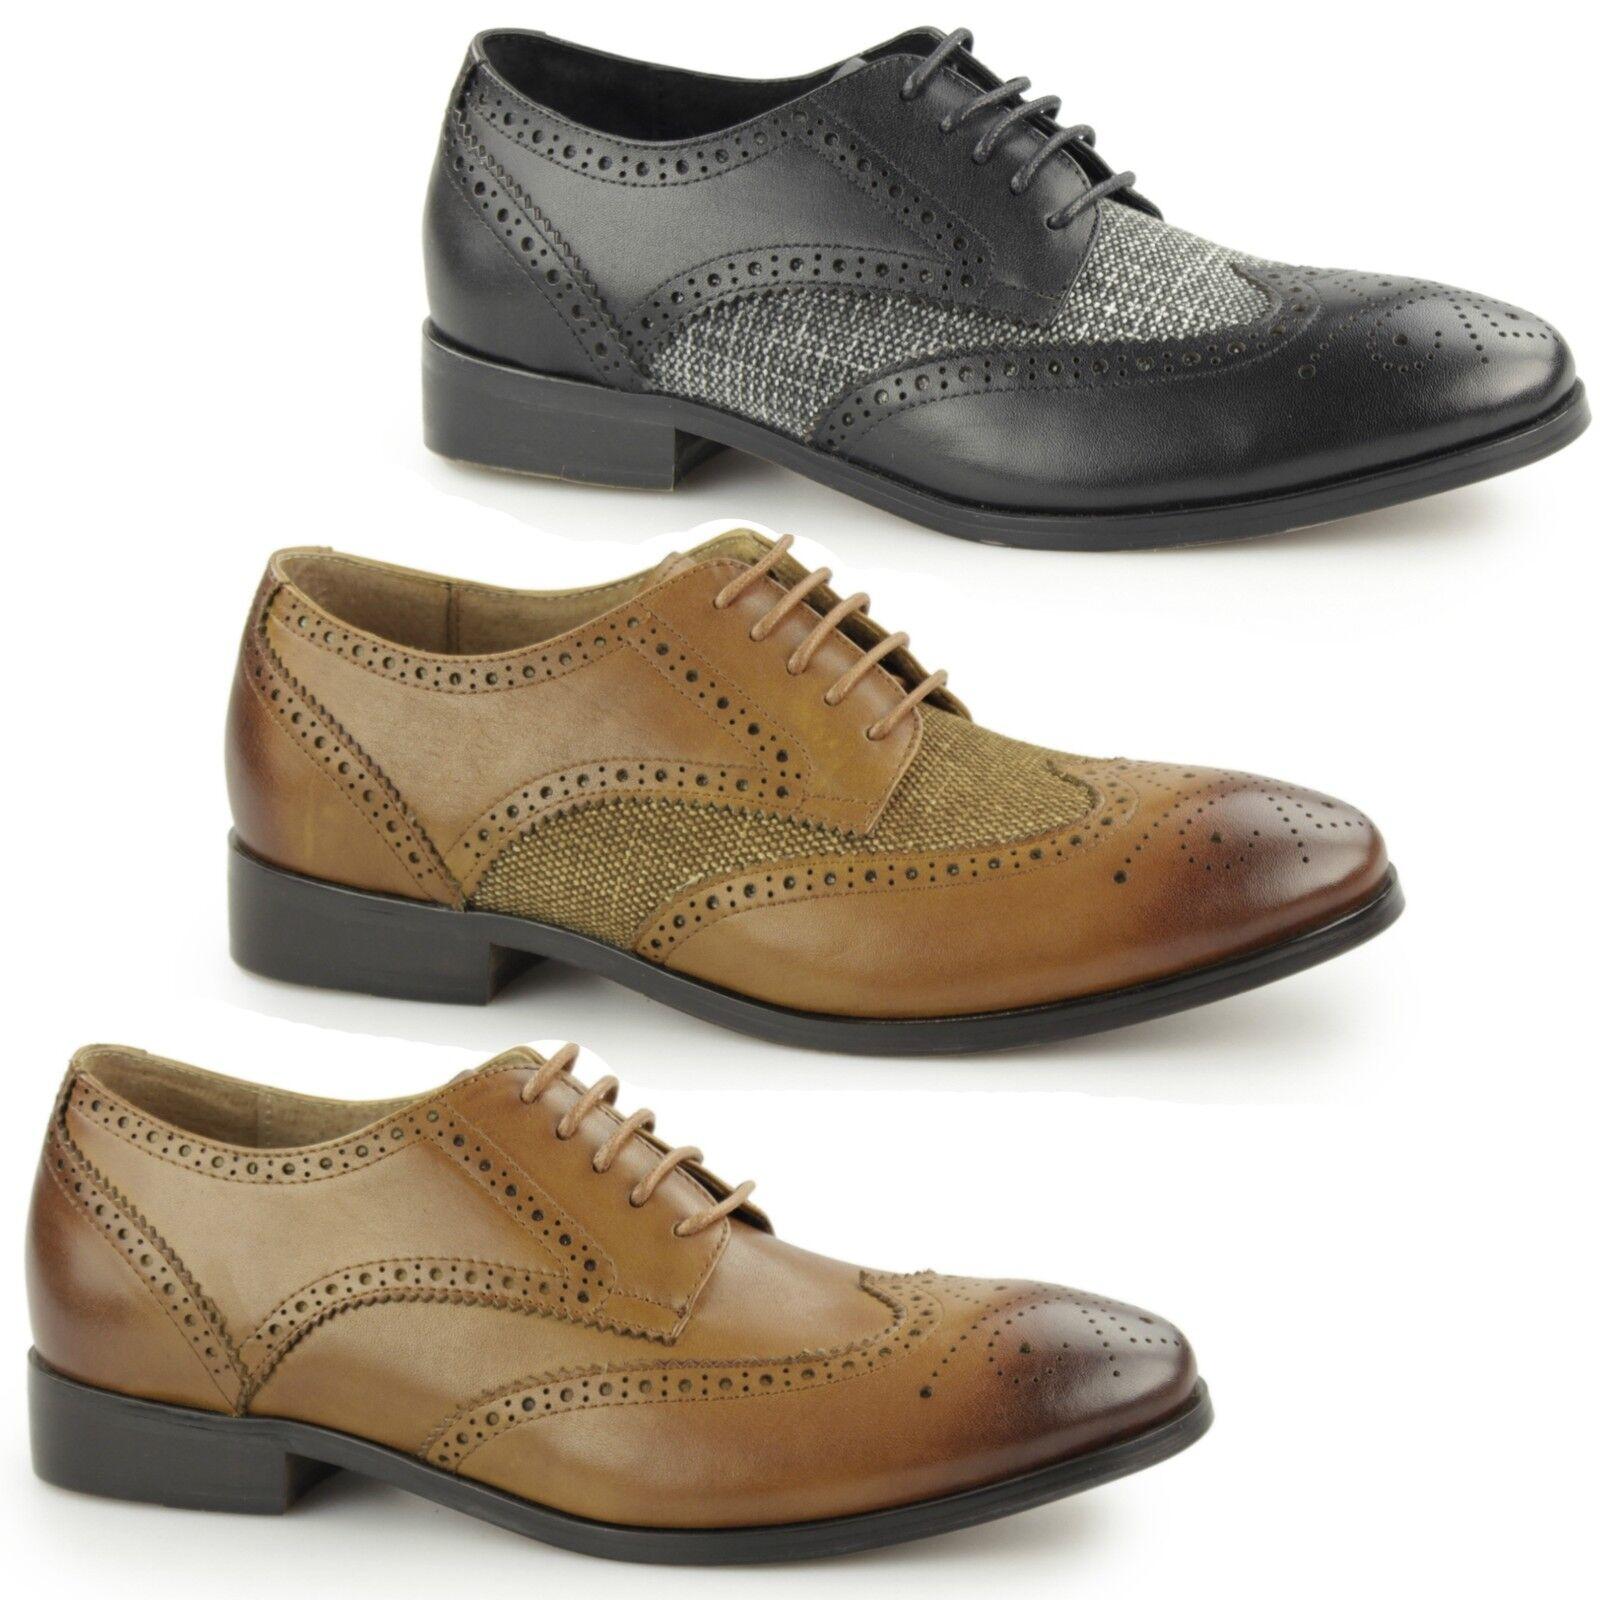 Laceys london notilla femmes cuir toile smart bureau lacets richelieu à chaussures